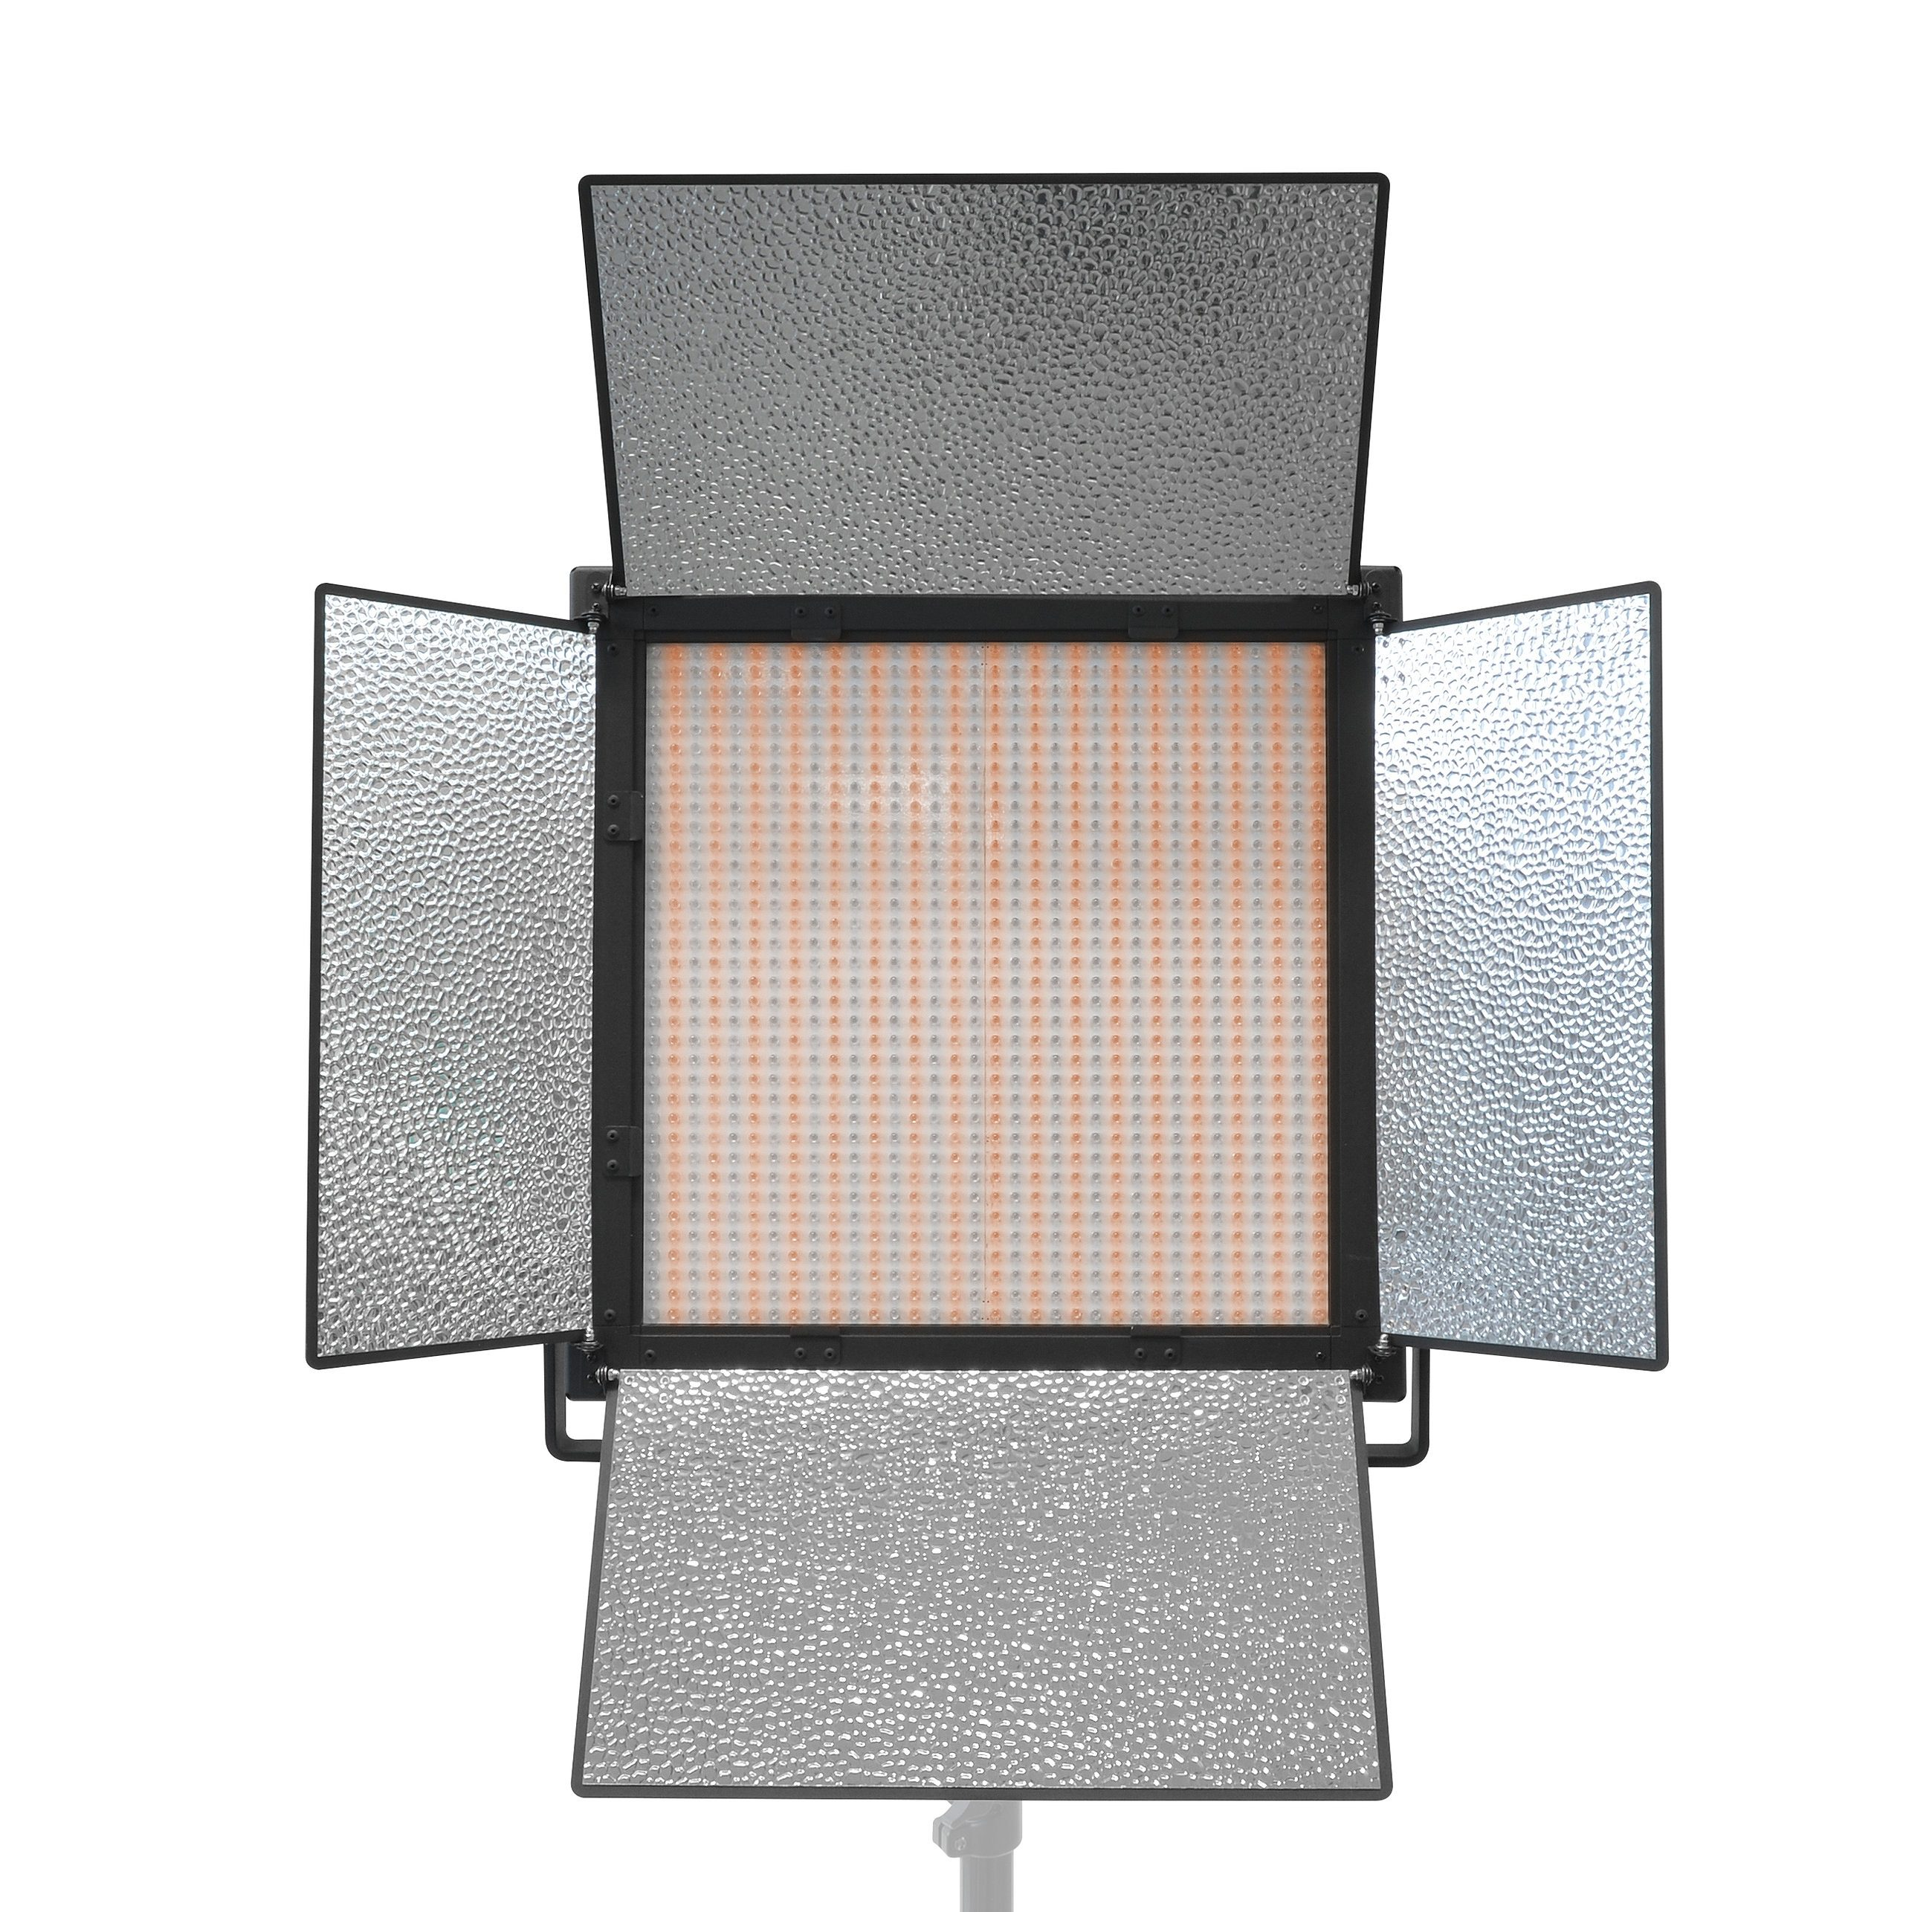 BRESSER Fotostudio »BRESSER Bi-Color LED Flächenleuchte 54W/8.860LUX«